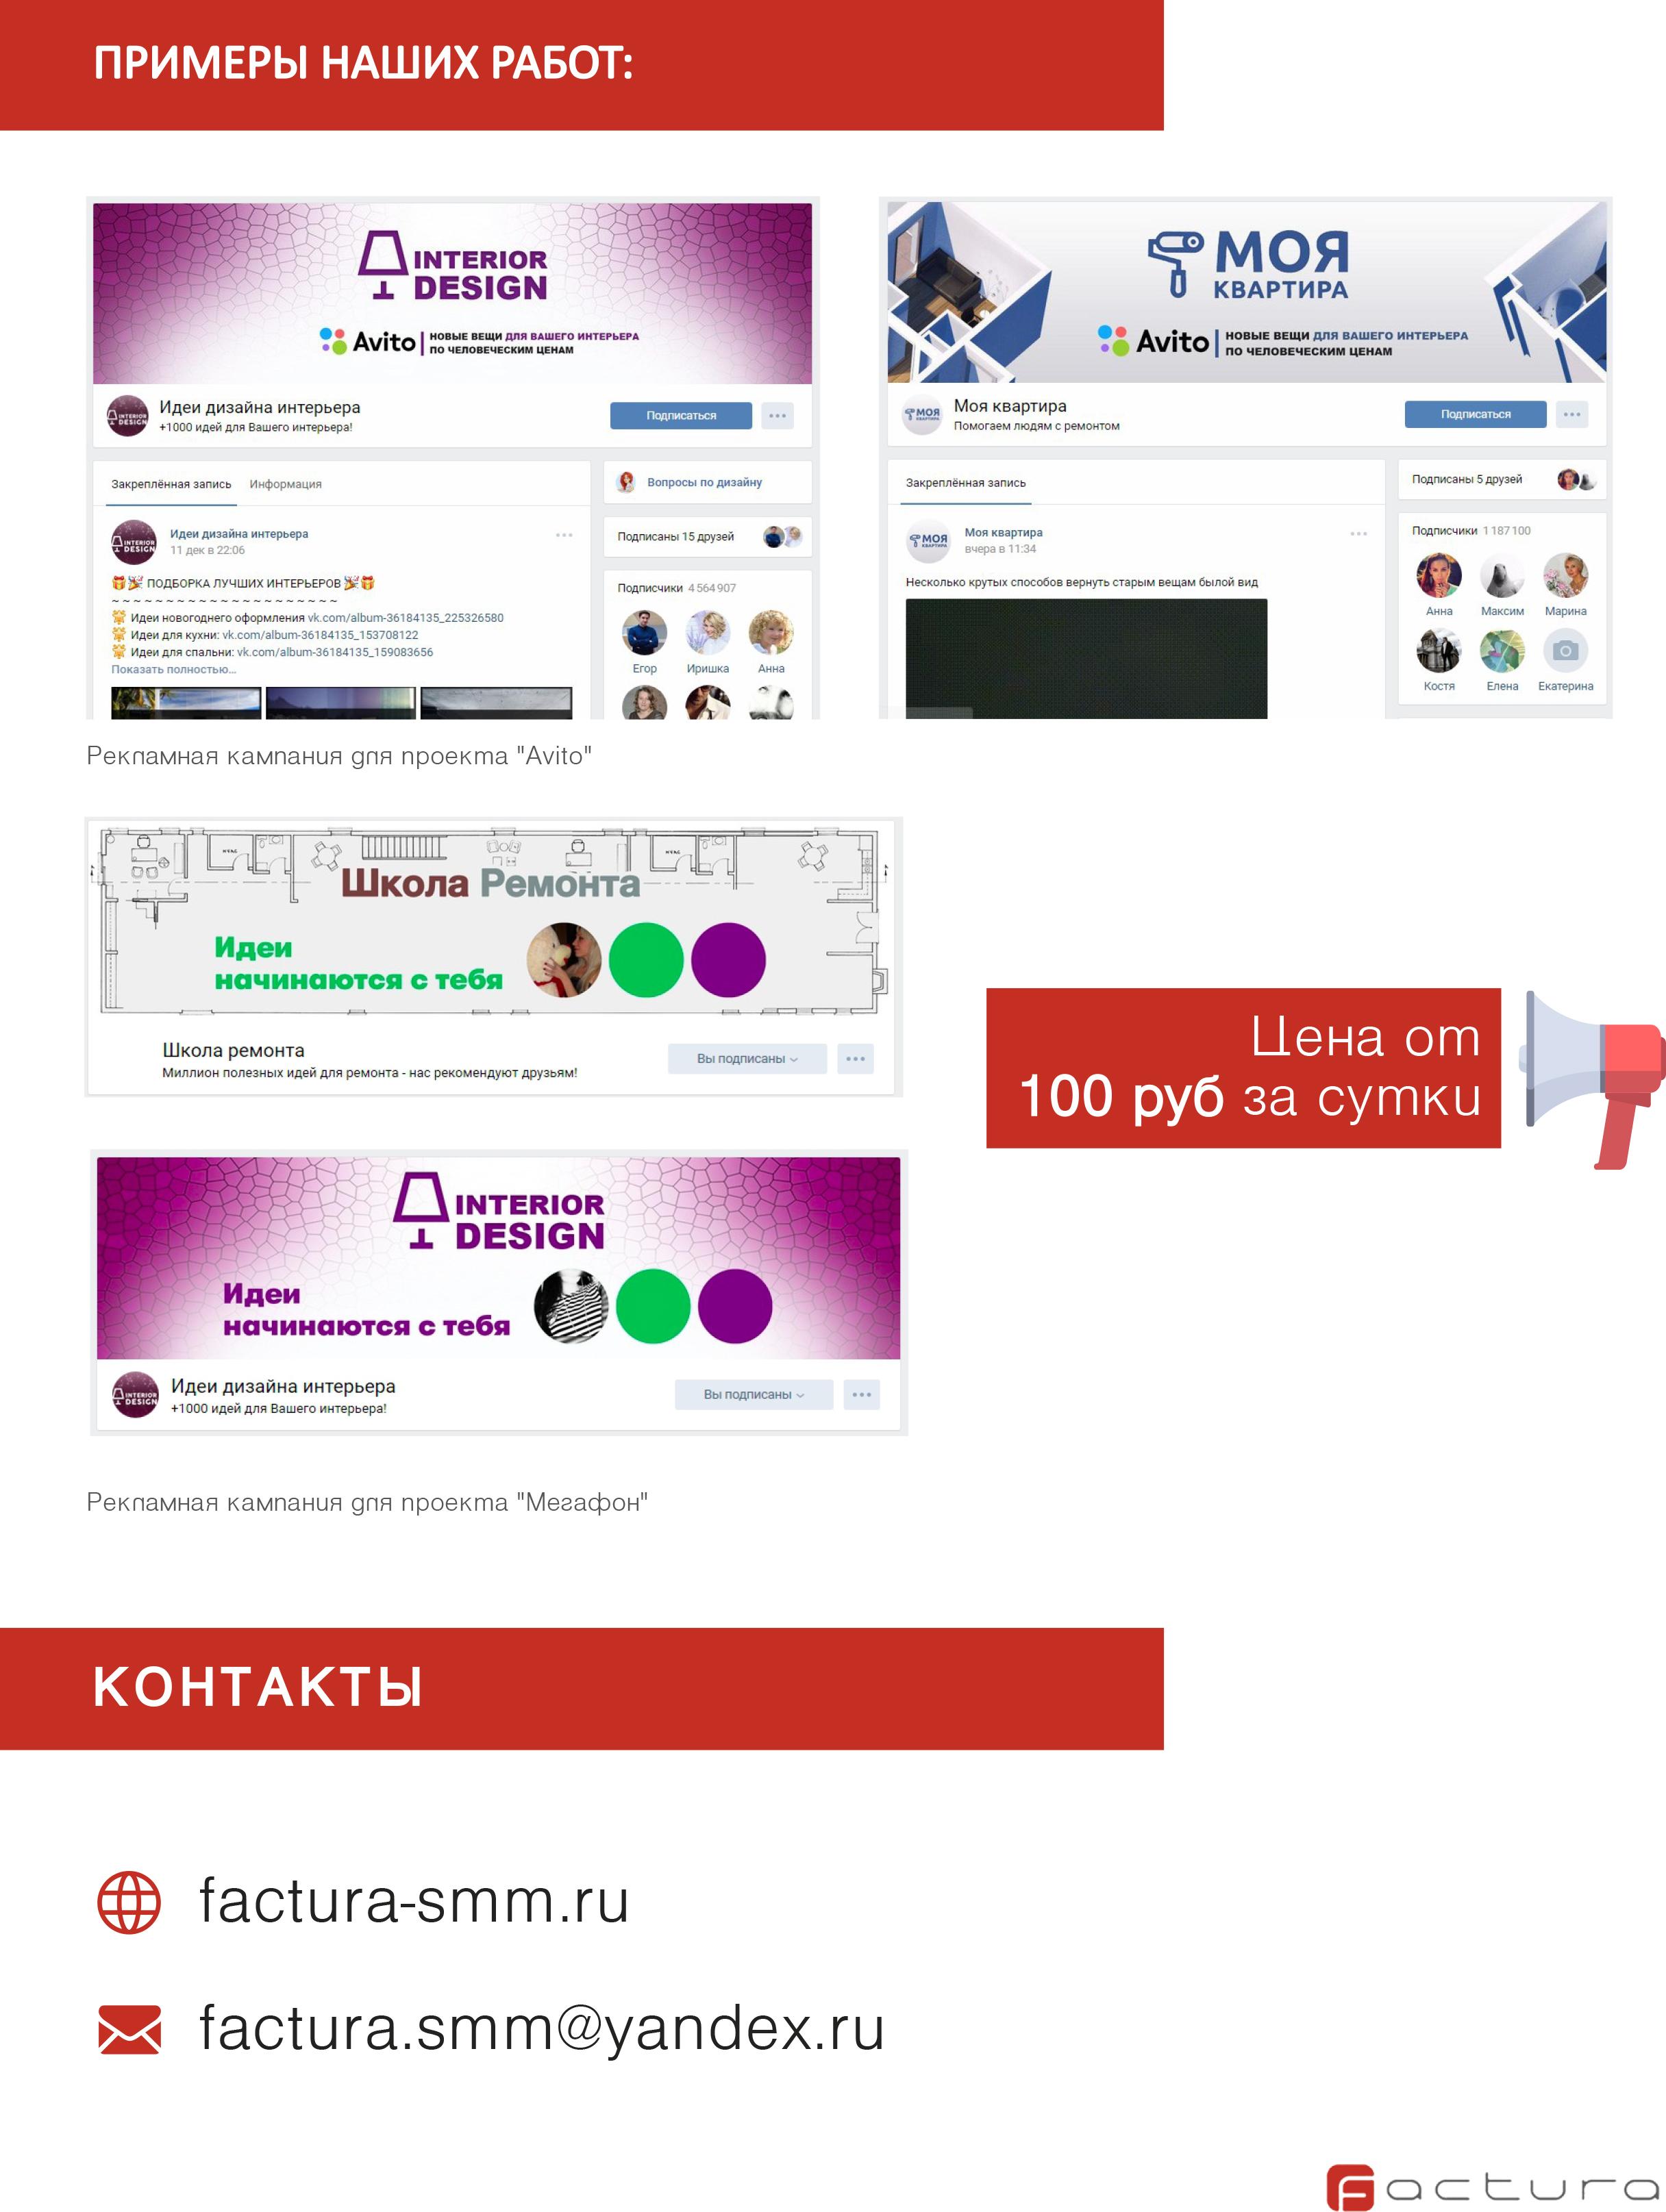 презентация-02253